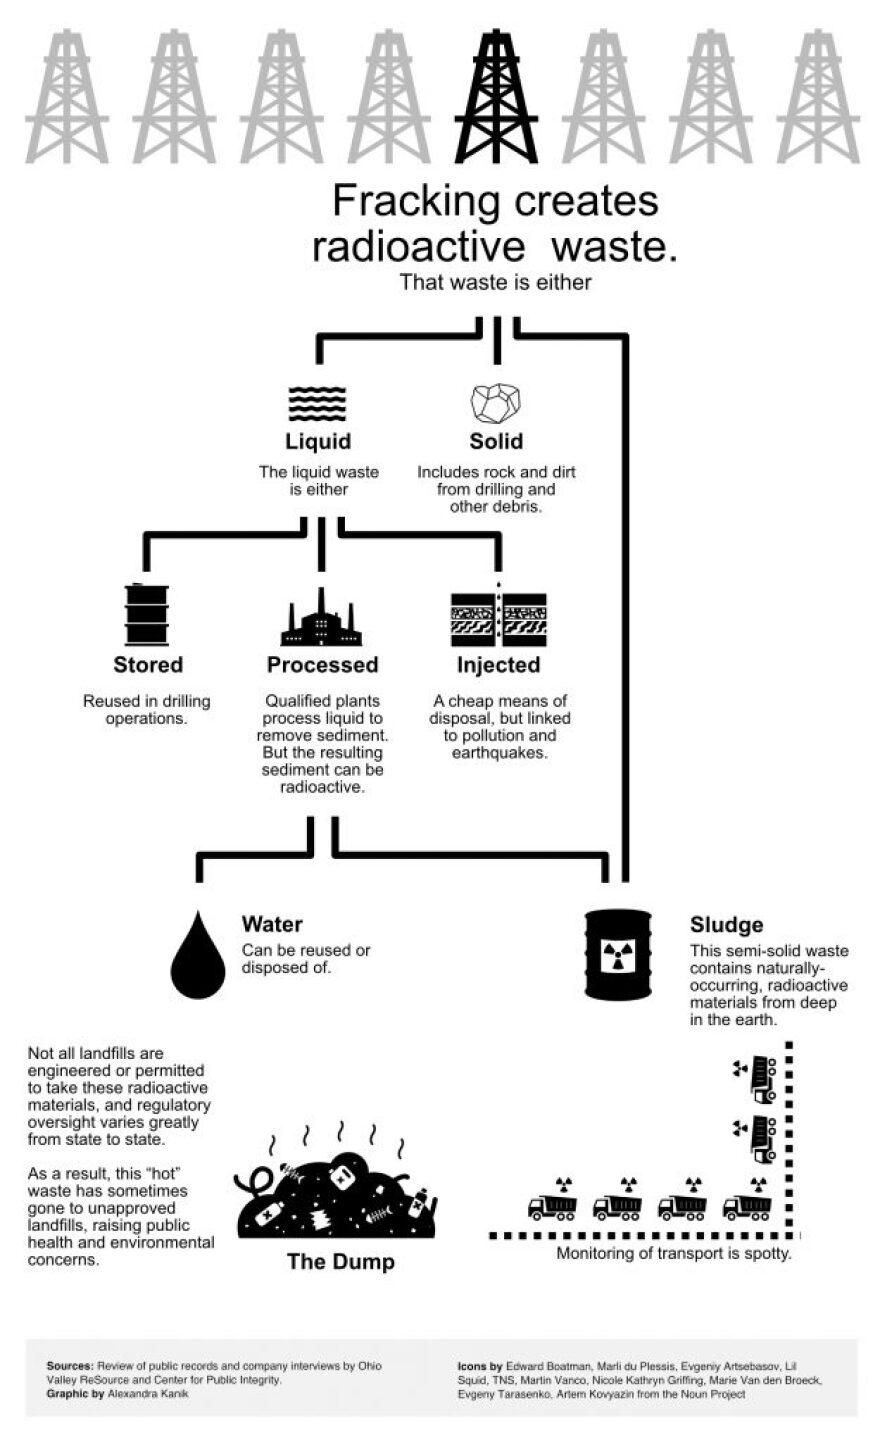 radioactive-wastewater-flowchart-v6-625x1024.jpg